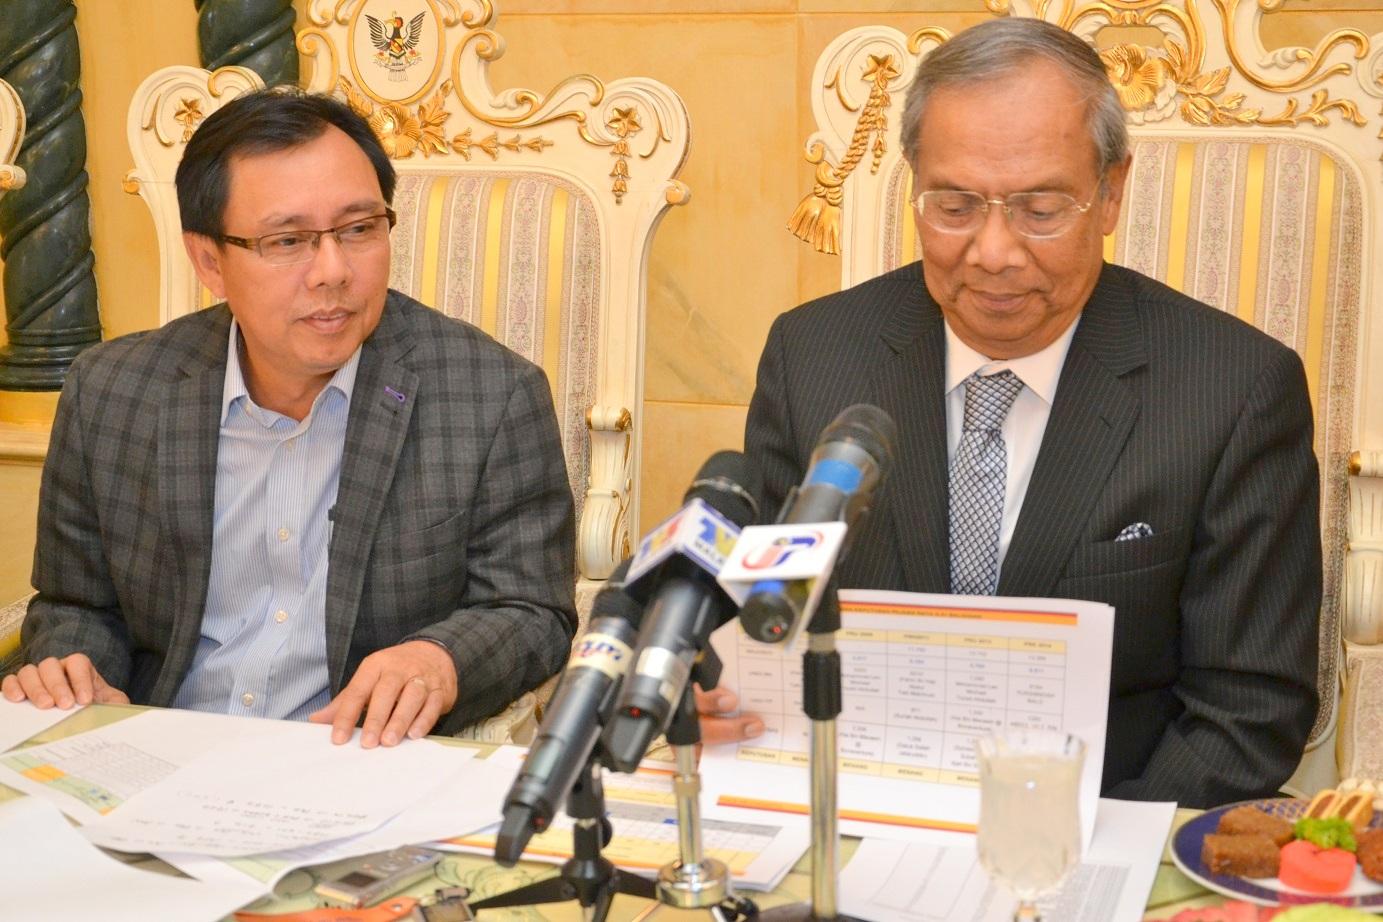 首长阿德南沙登展示万年烟补选数据,左为州国阵秘书斯蒂芬伦迪。